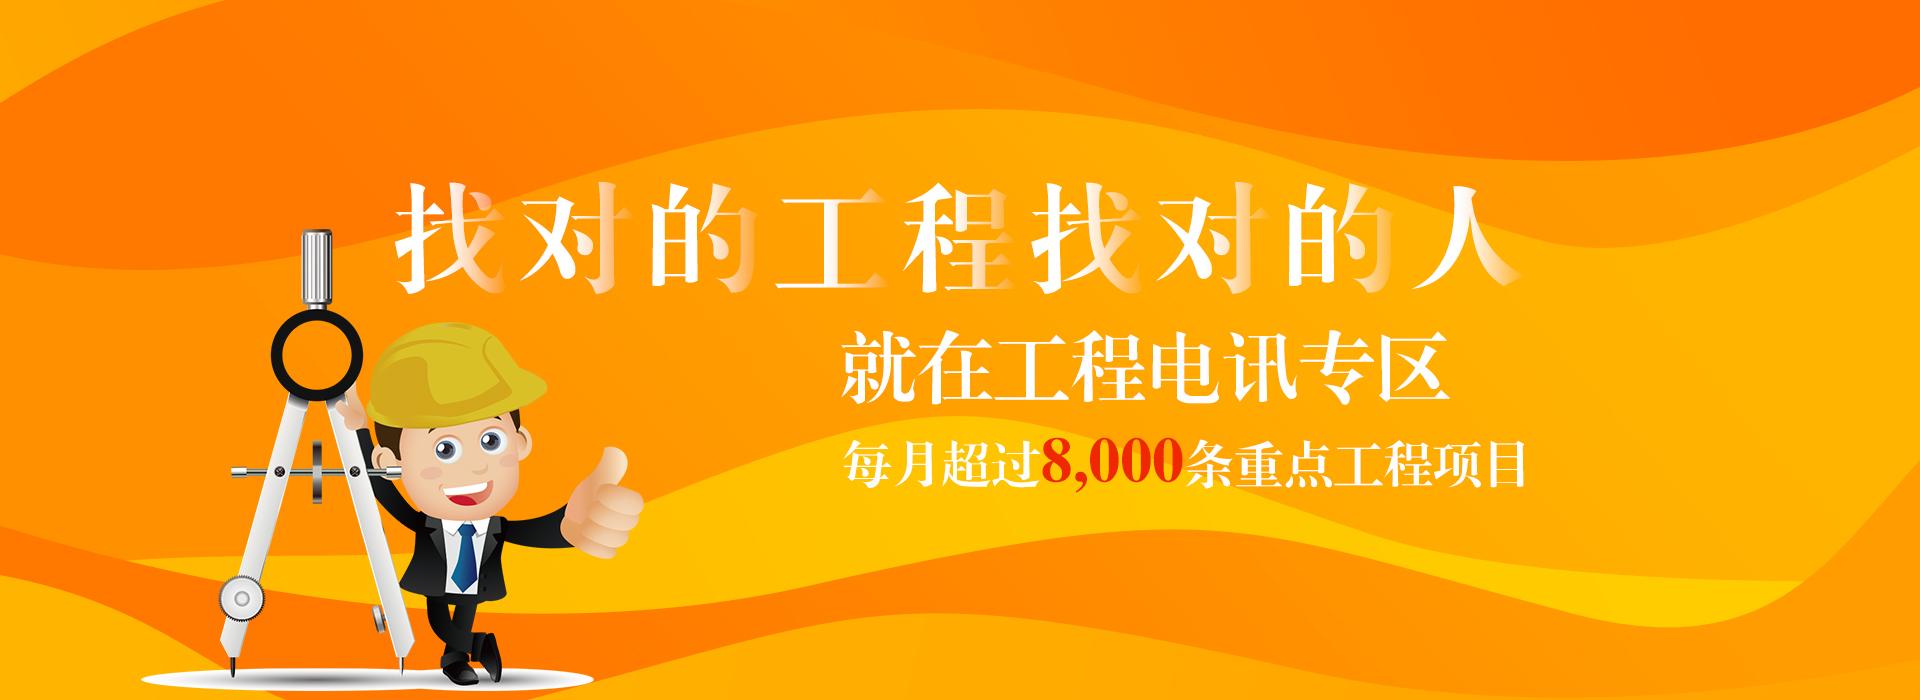 大润发娱乐888项目